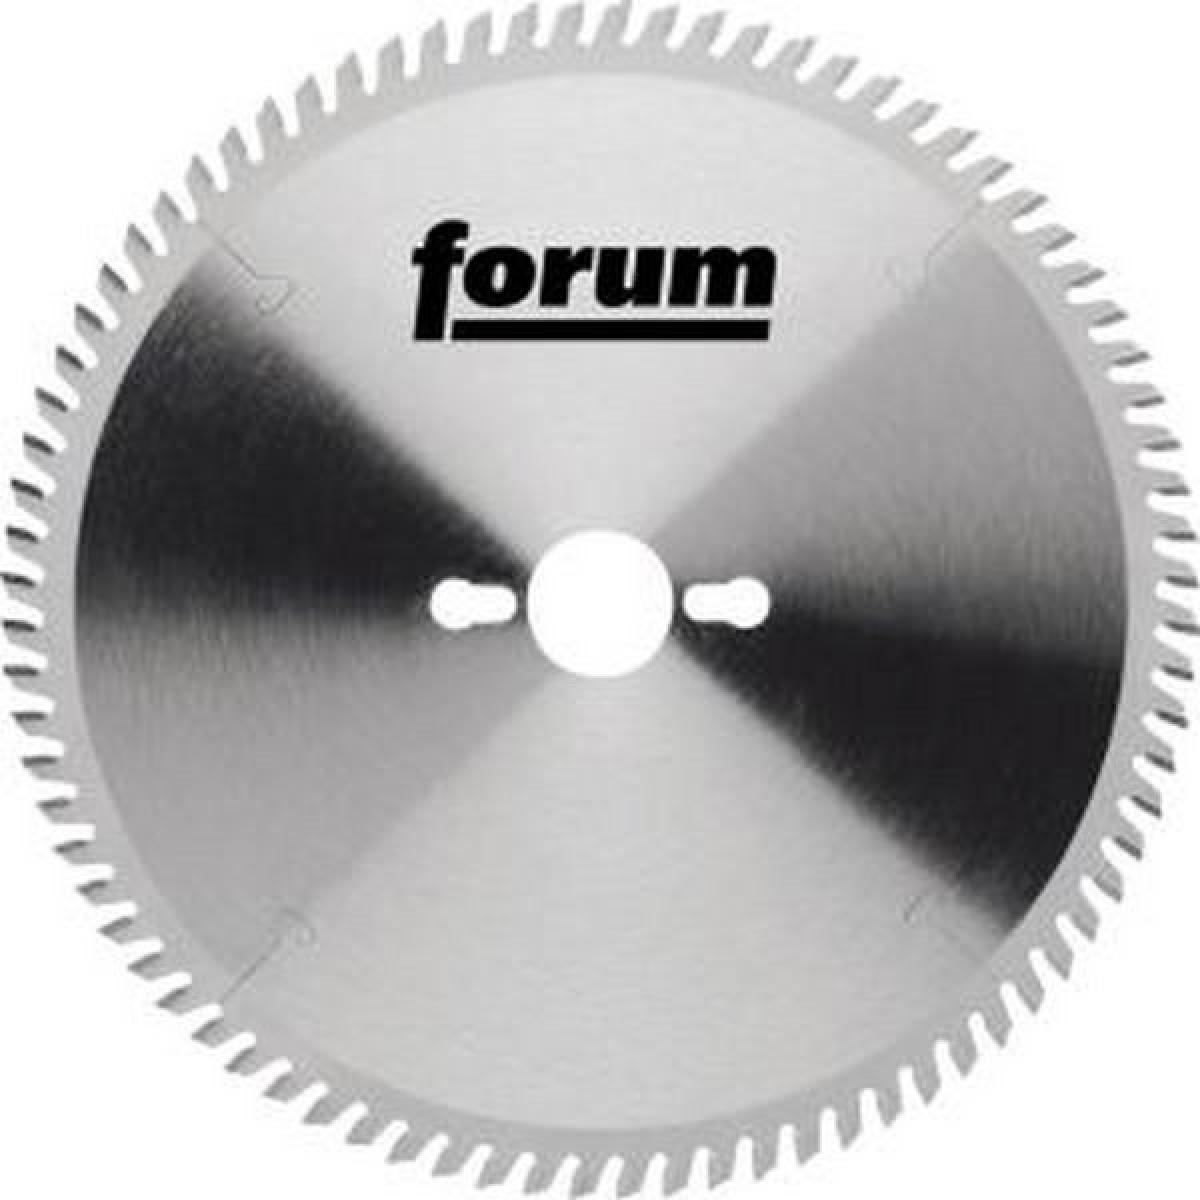 Forum Lame de scie circulaire, Ø : 500 mm, Larg. : 4,0 mm, Alésage 30 mm, Perçages secondaires : -, Dents : 44